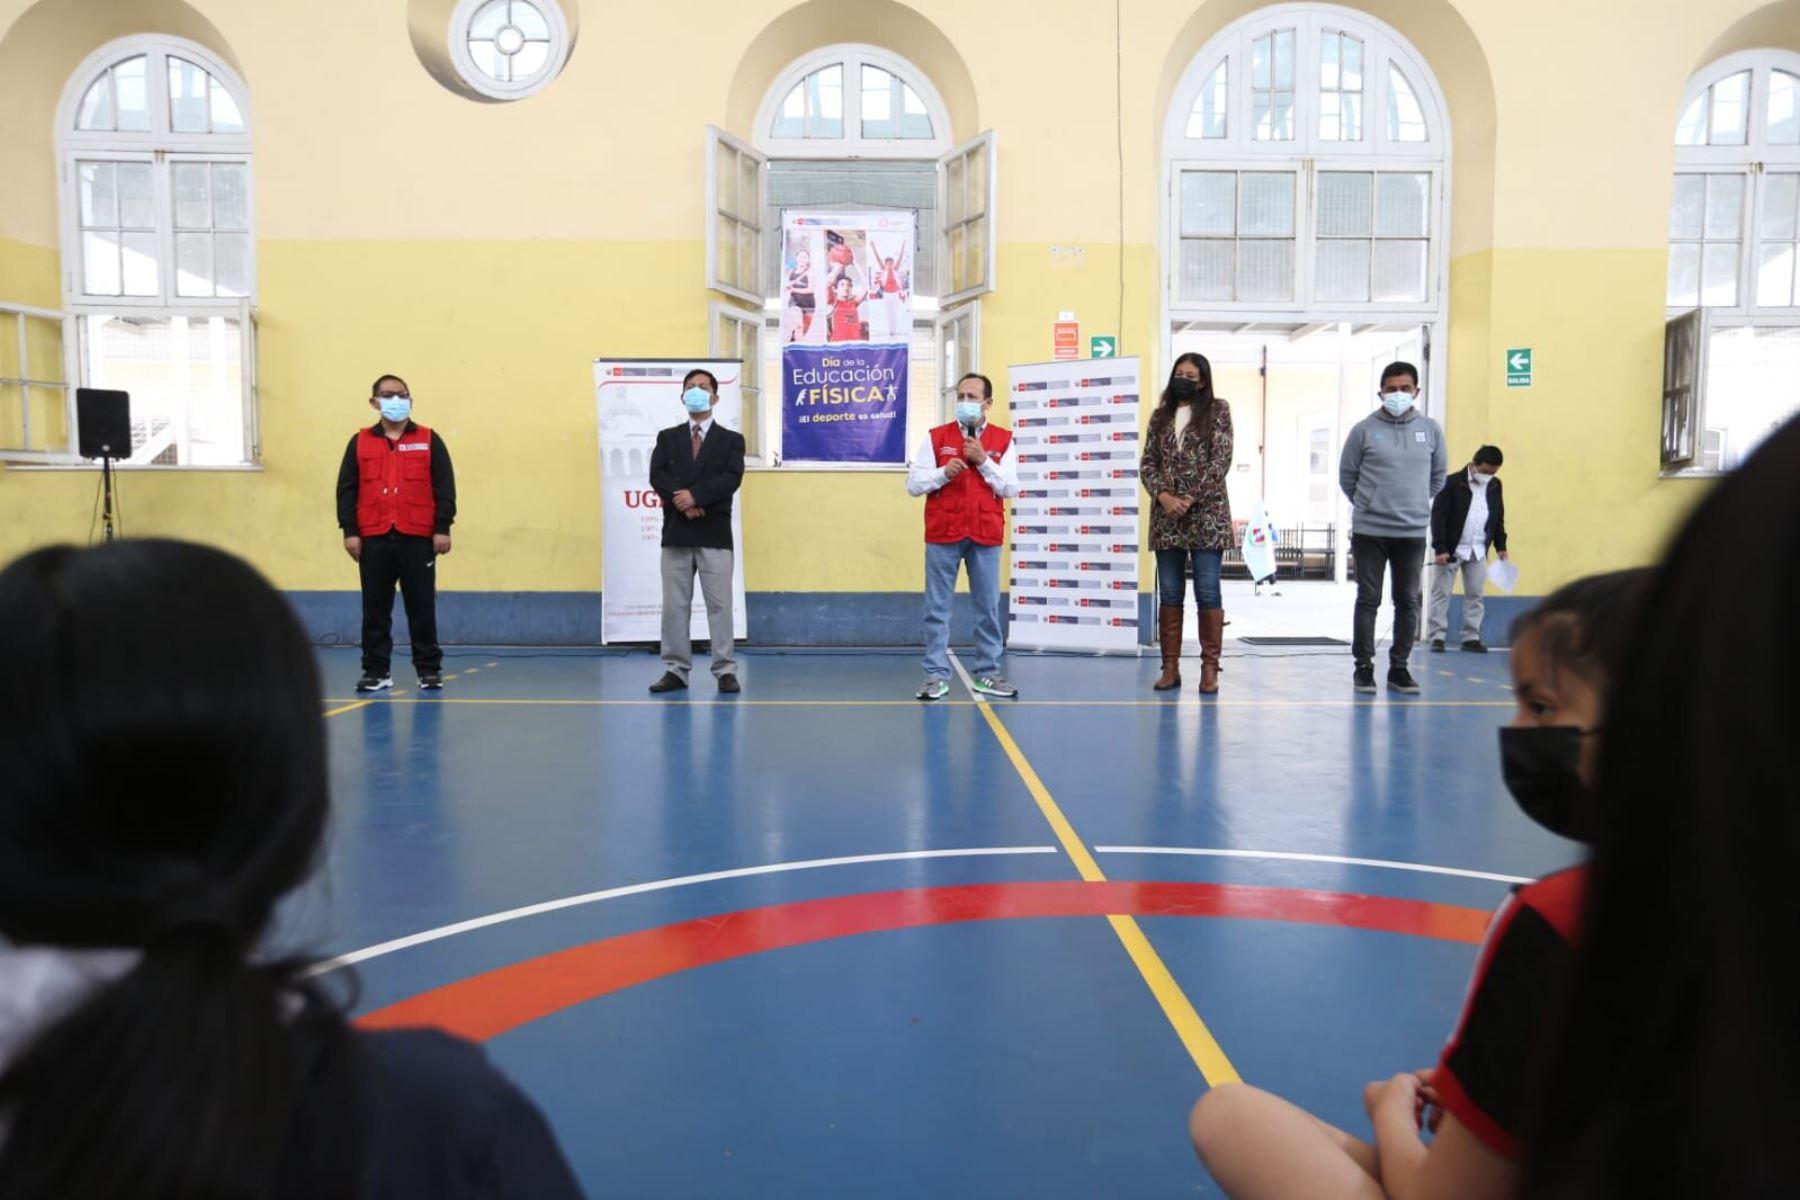 Minedu: 43 colegios de Lima Metropolitana abren sus puertas para actividades físicas